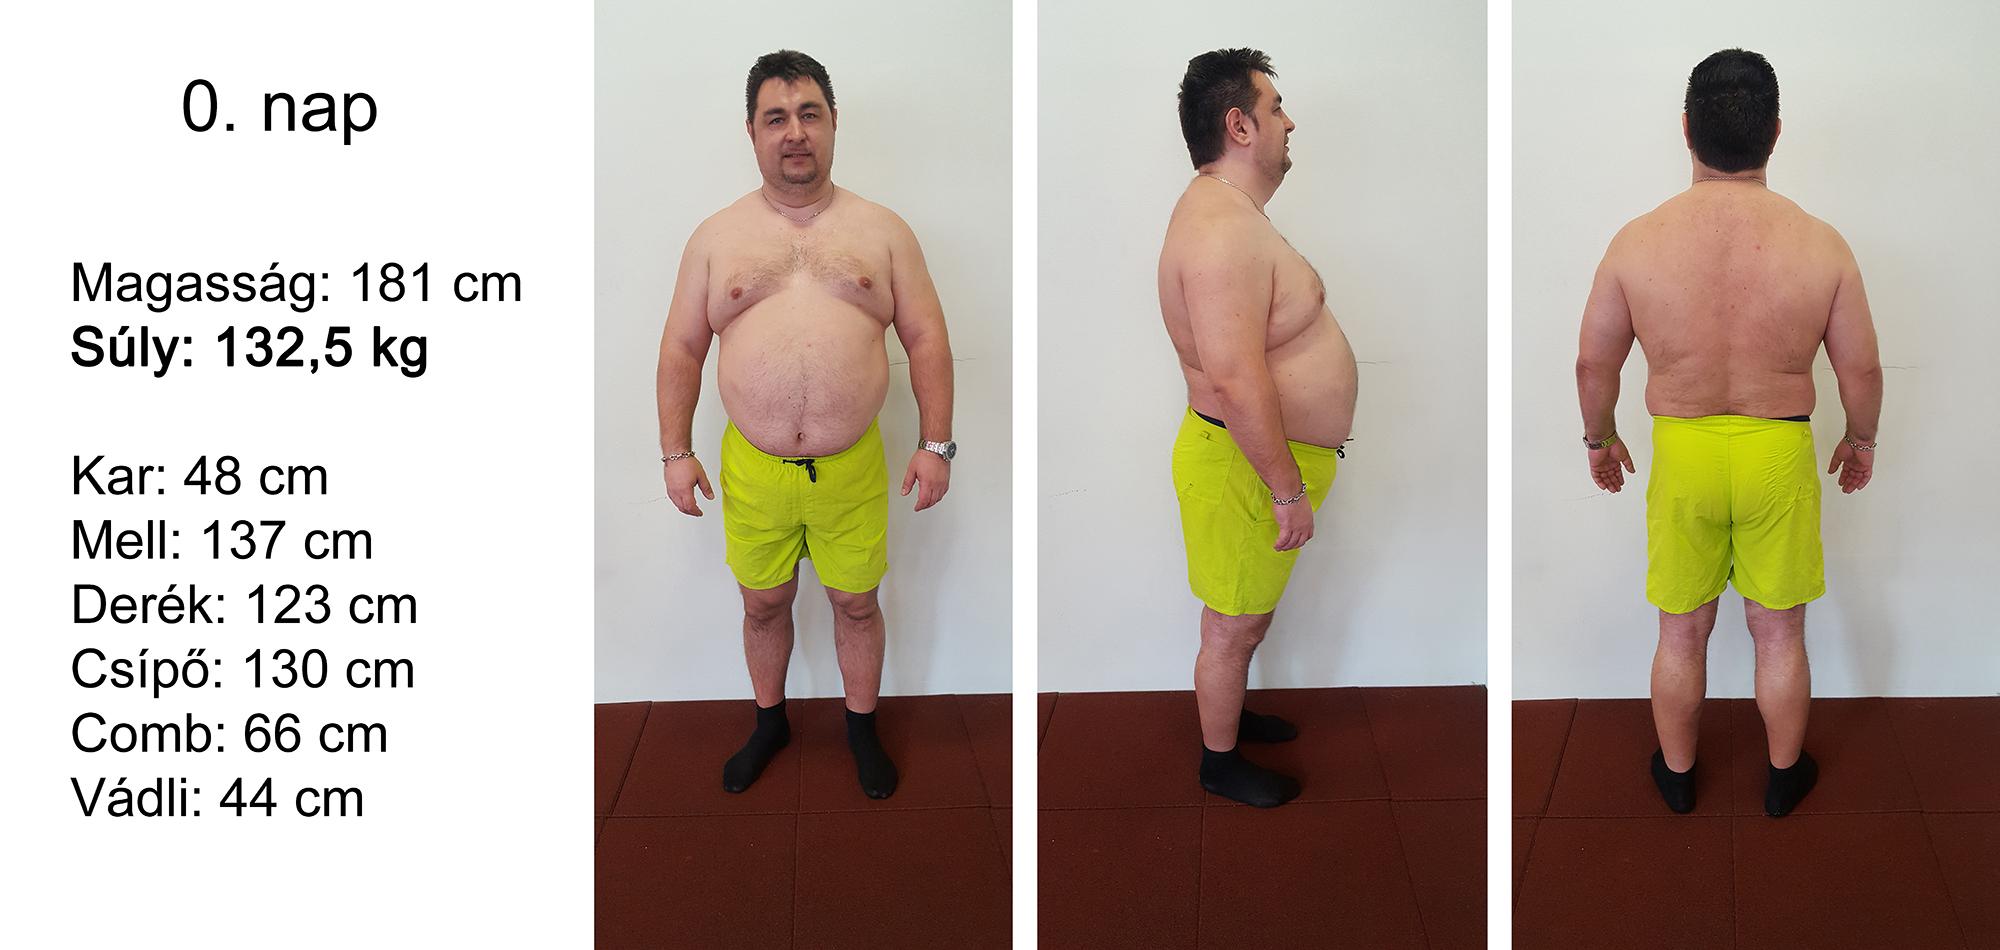 egy hónap alatt lefogy a legtöbb súly